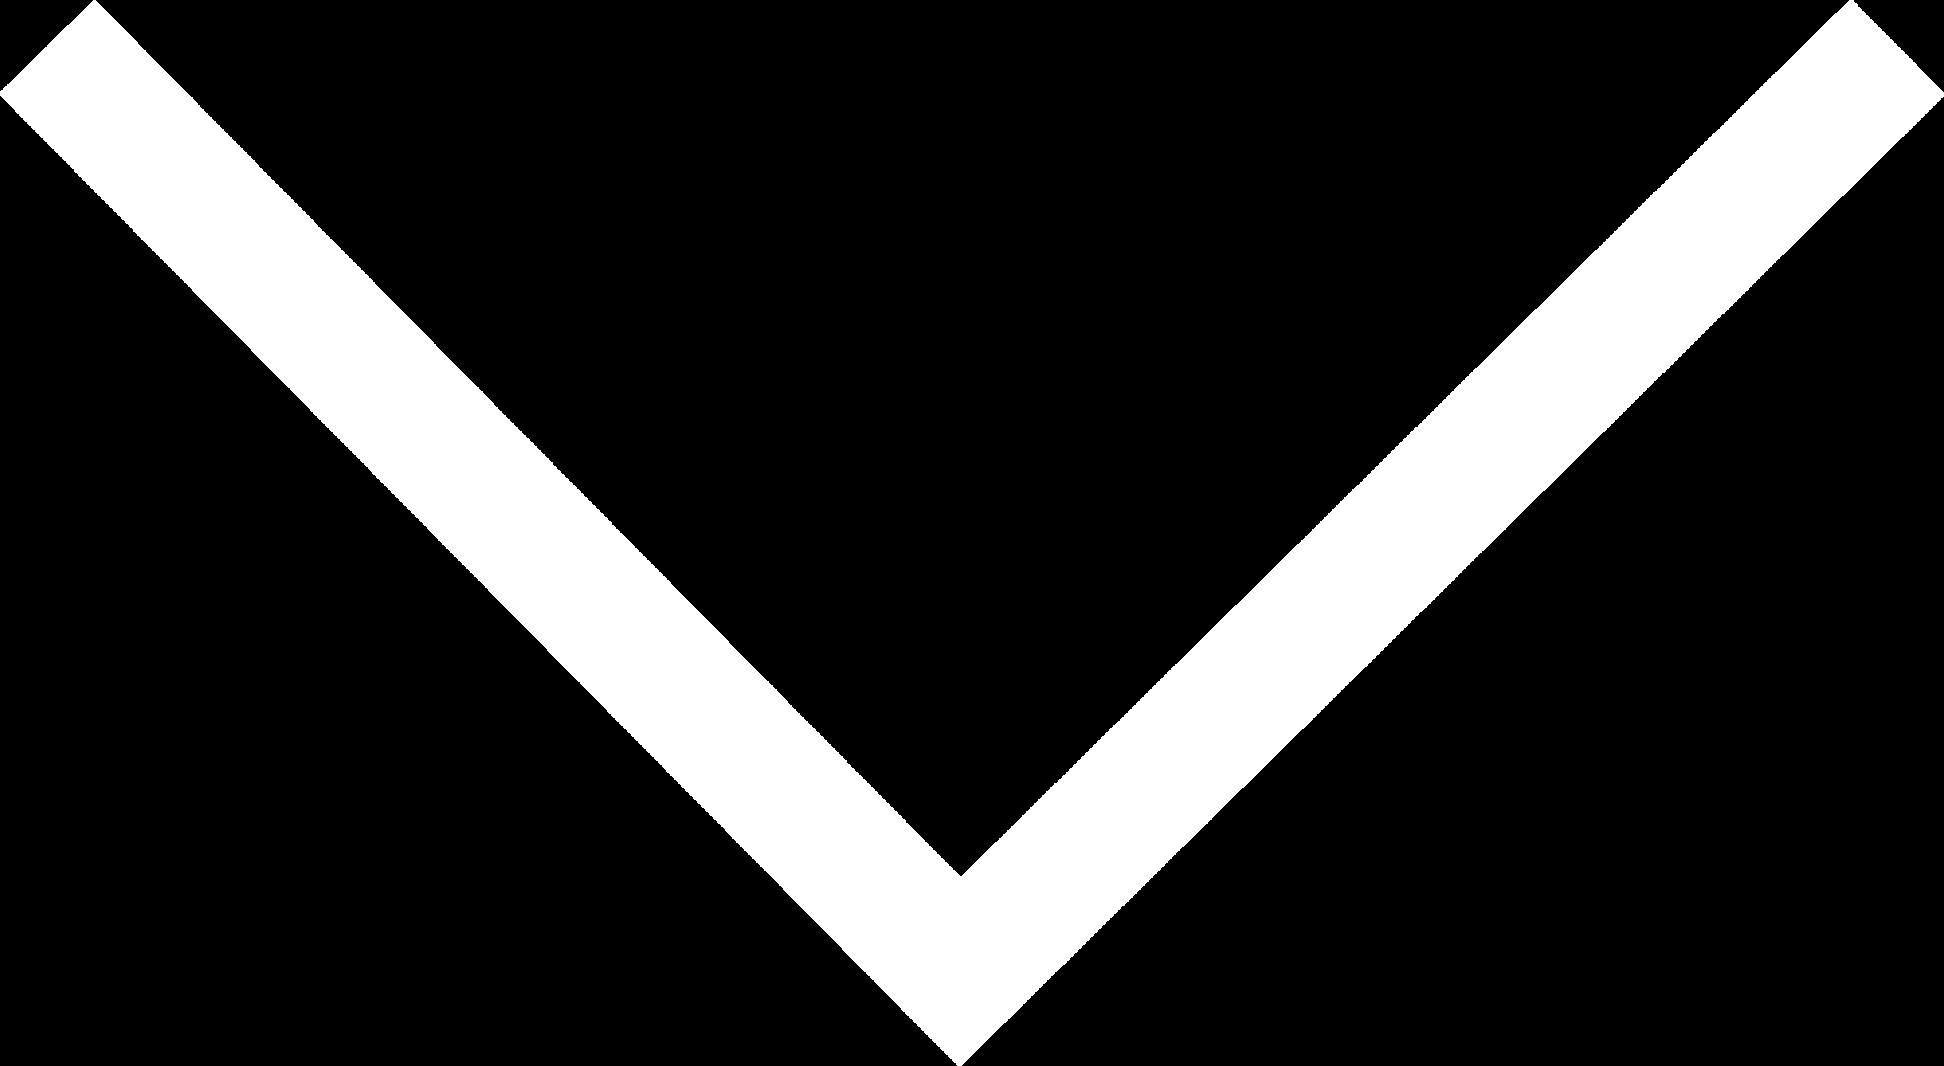 A down arrow